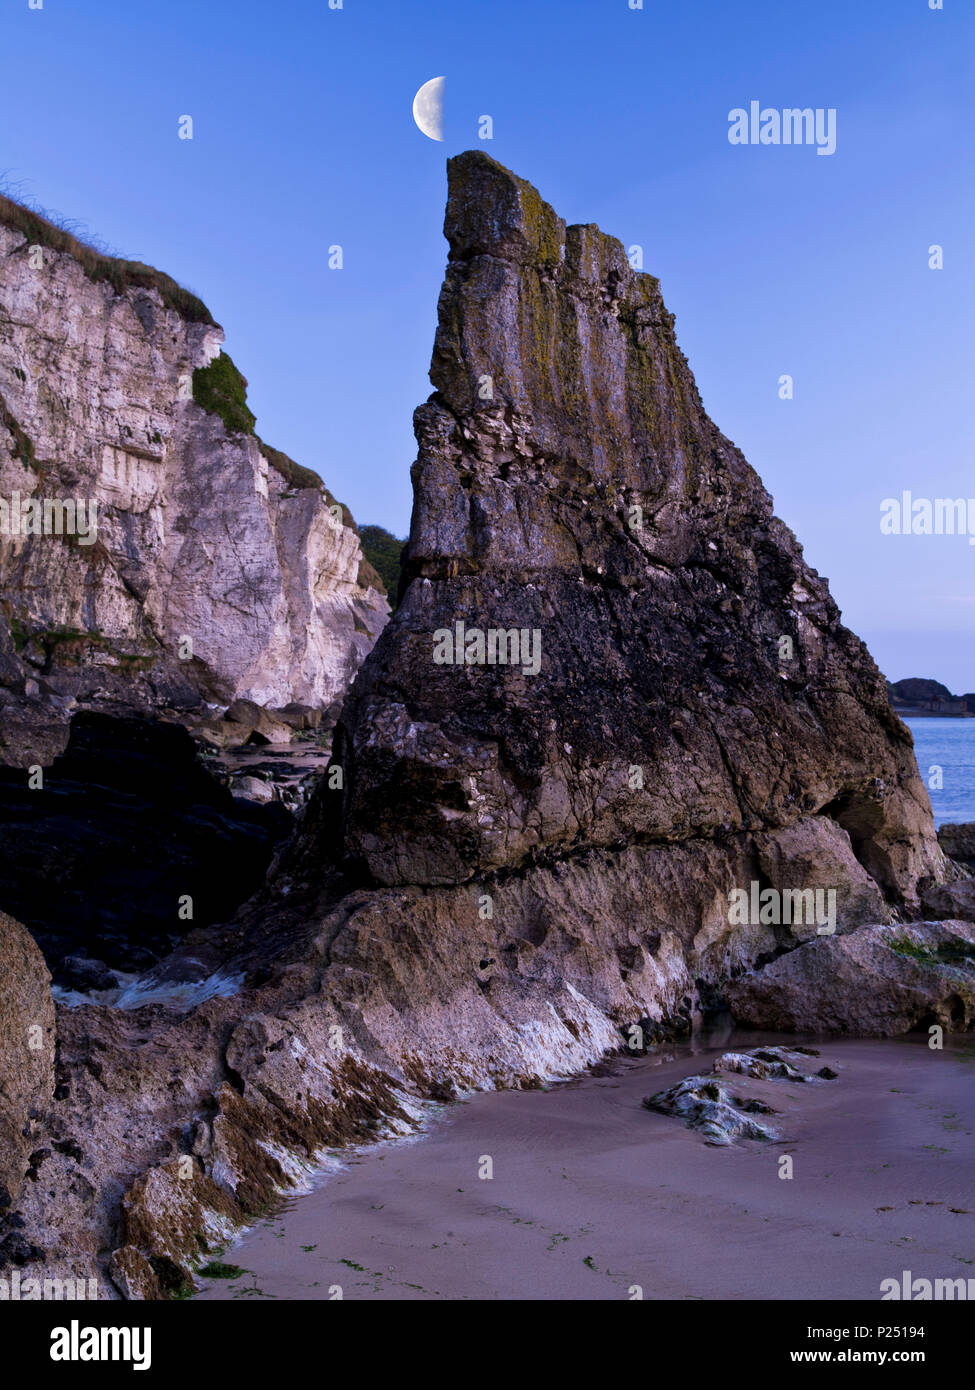 Nordirland, Antrim, Causeway Coast, Steilküste aus Muschelkalkstein bei Ballintoy, blaue Stunde, Abendhimmel mit Mond Stockbild